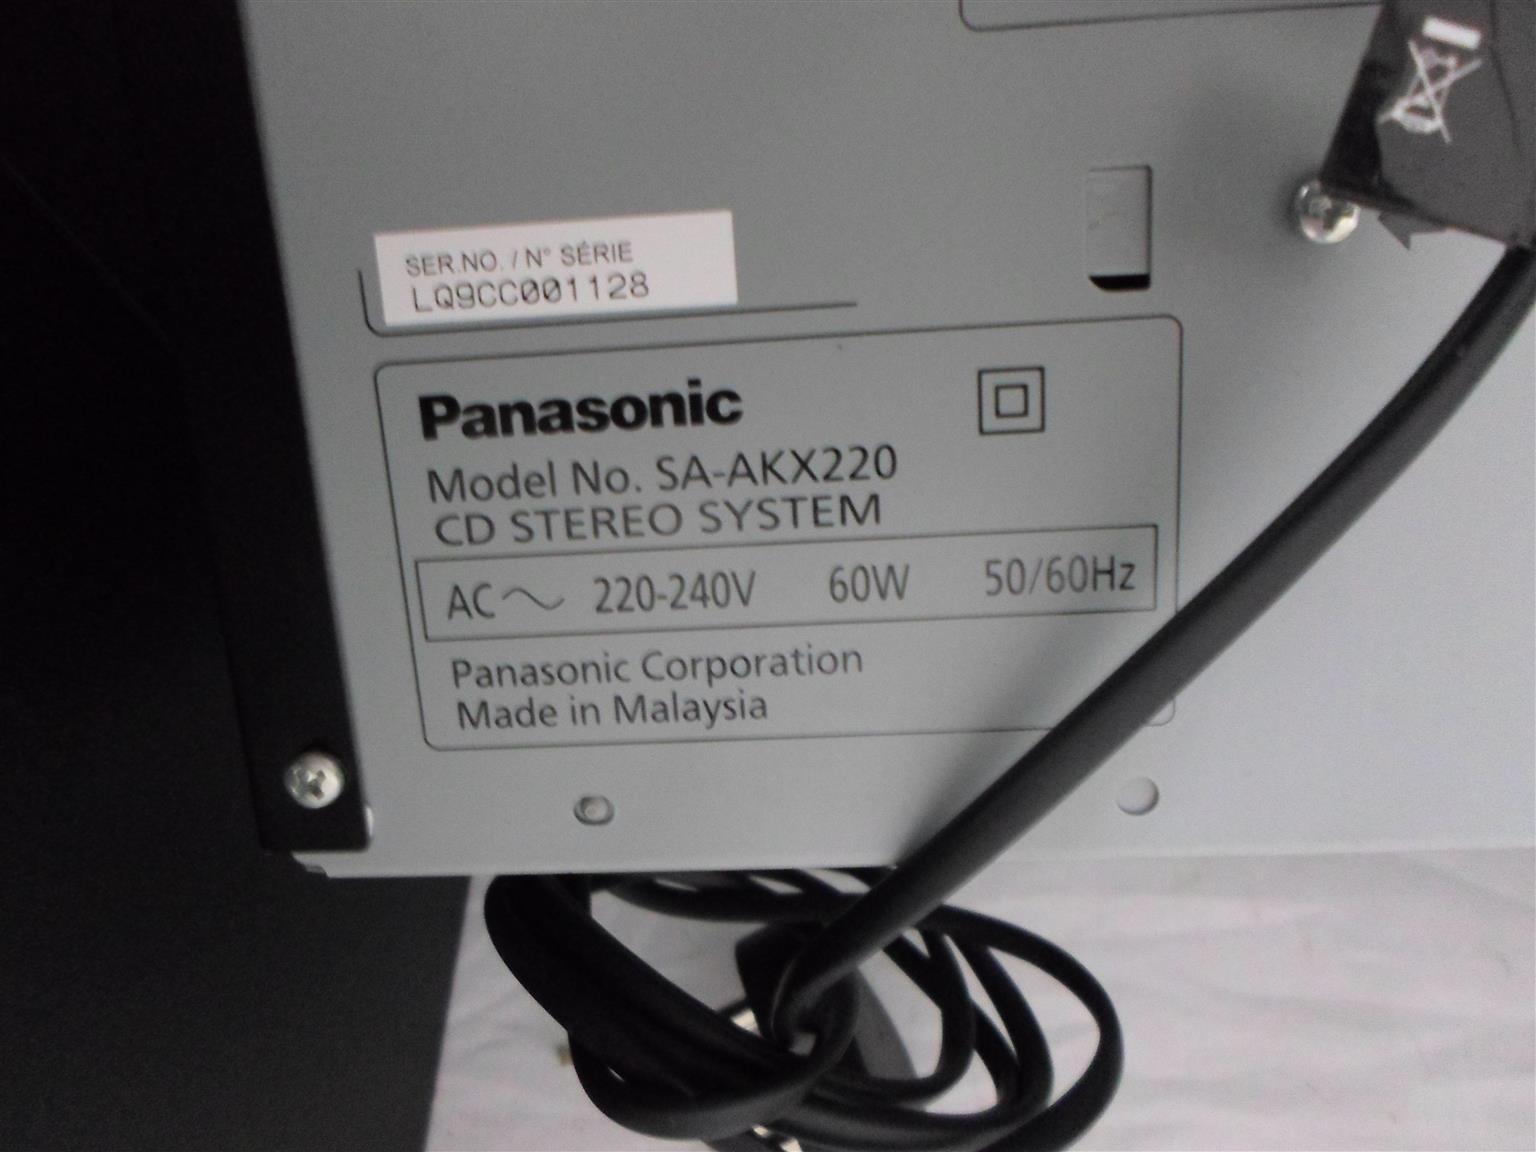 CD Stereo System Panasonic SA-AKX220